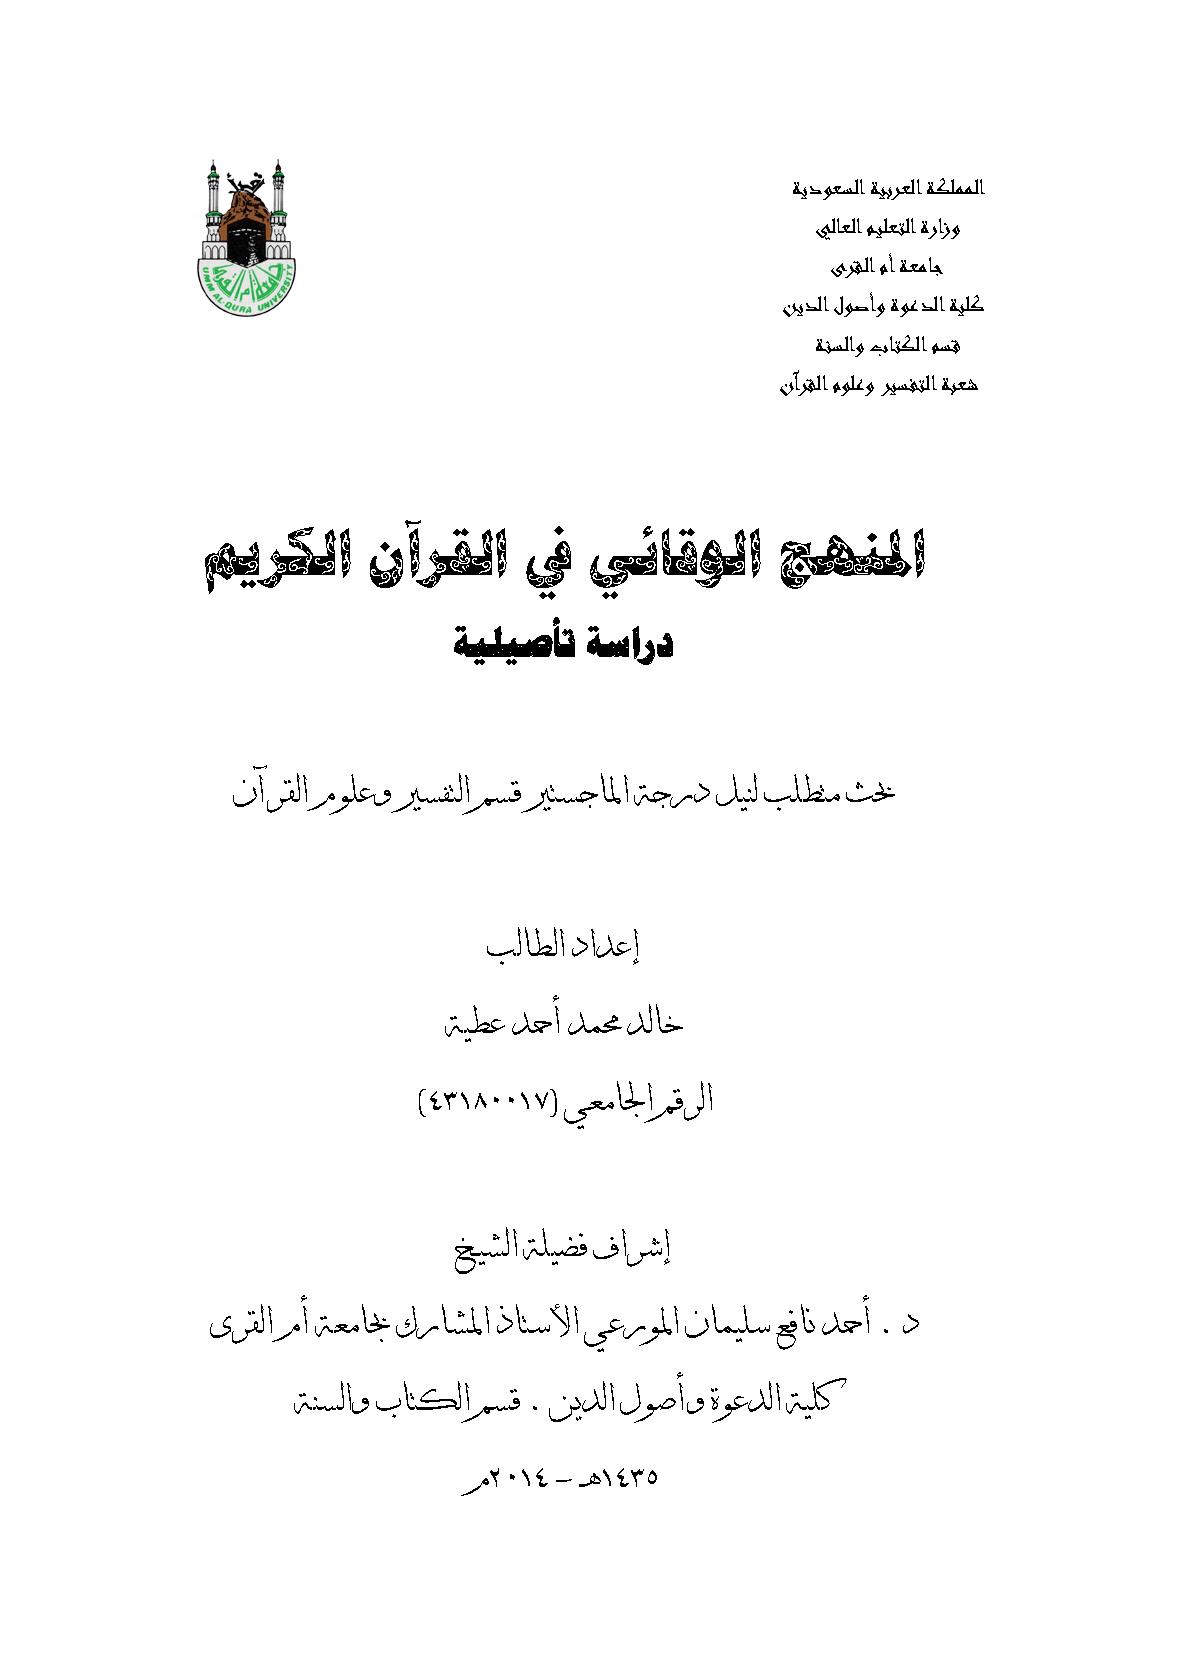 تحميل كتاب المنهج الوقائي في القرآن الكريم (دراسة تأصيلية) لـِ: خالد محمد أحمد عطية